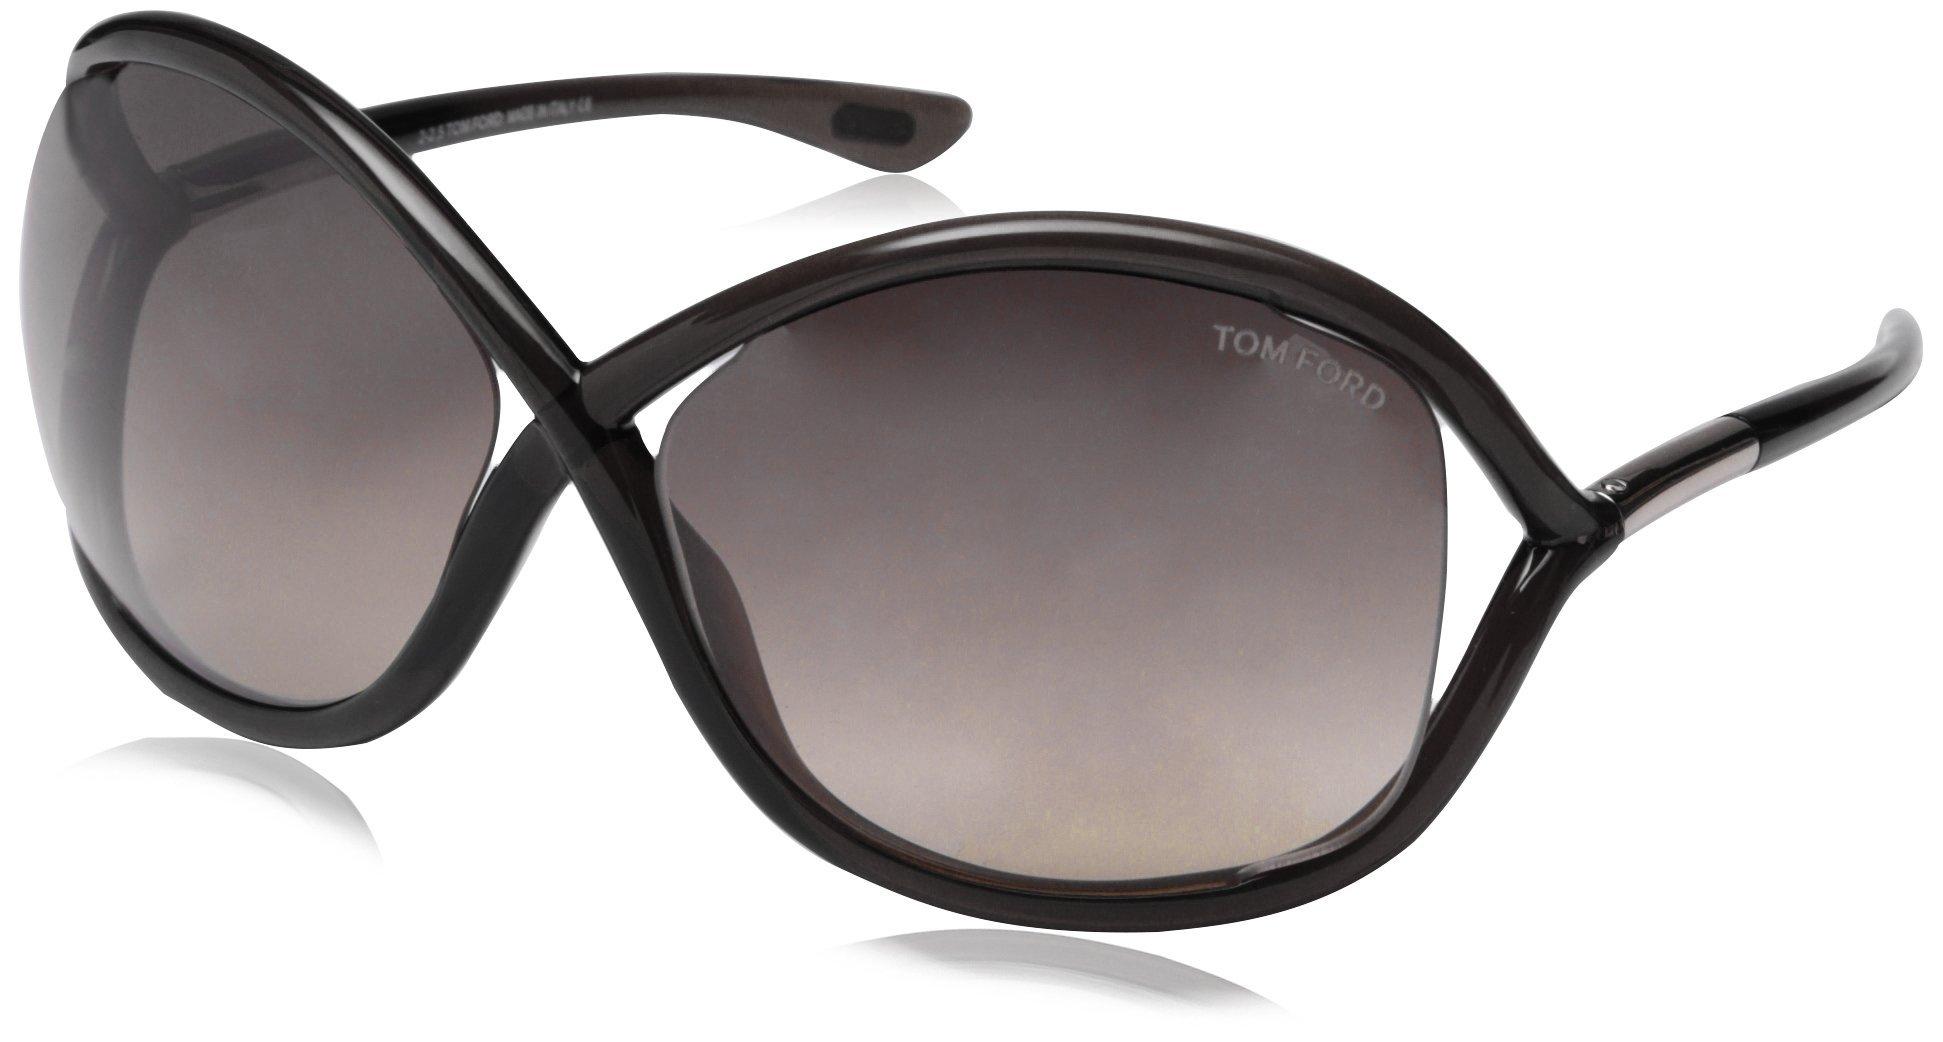 Tom Ford Women's FT0009 Sunglasses, Black